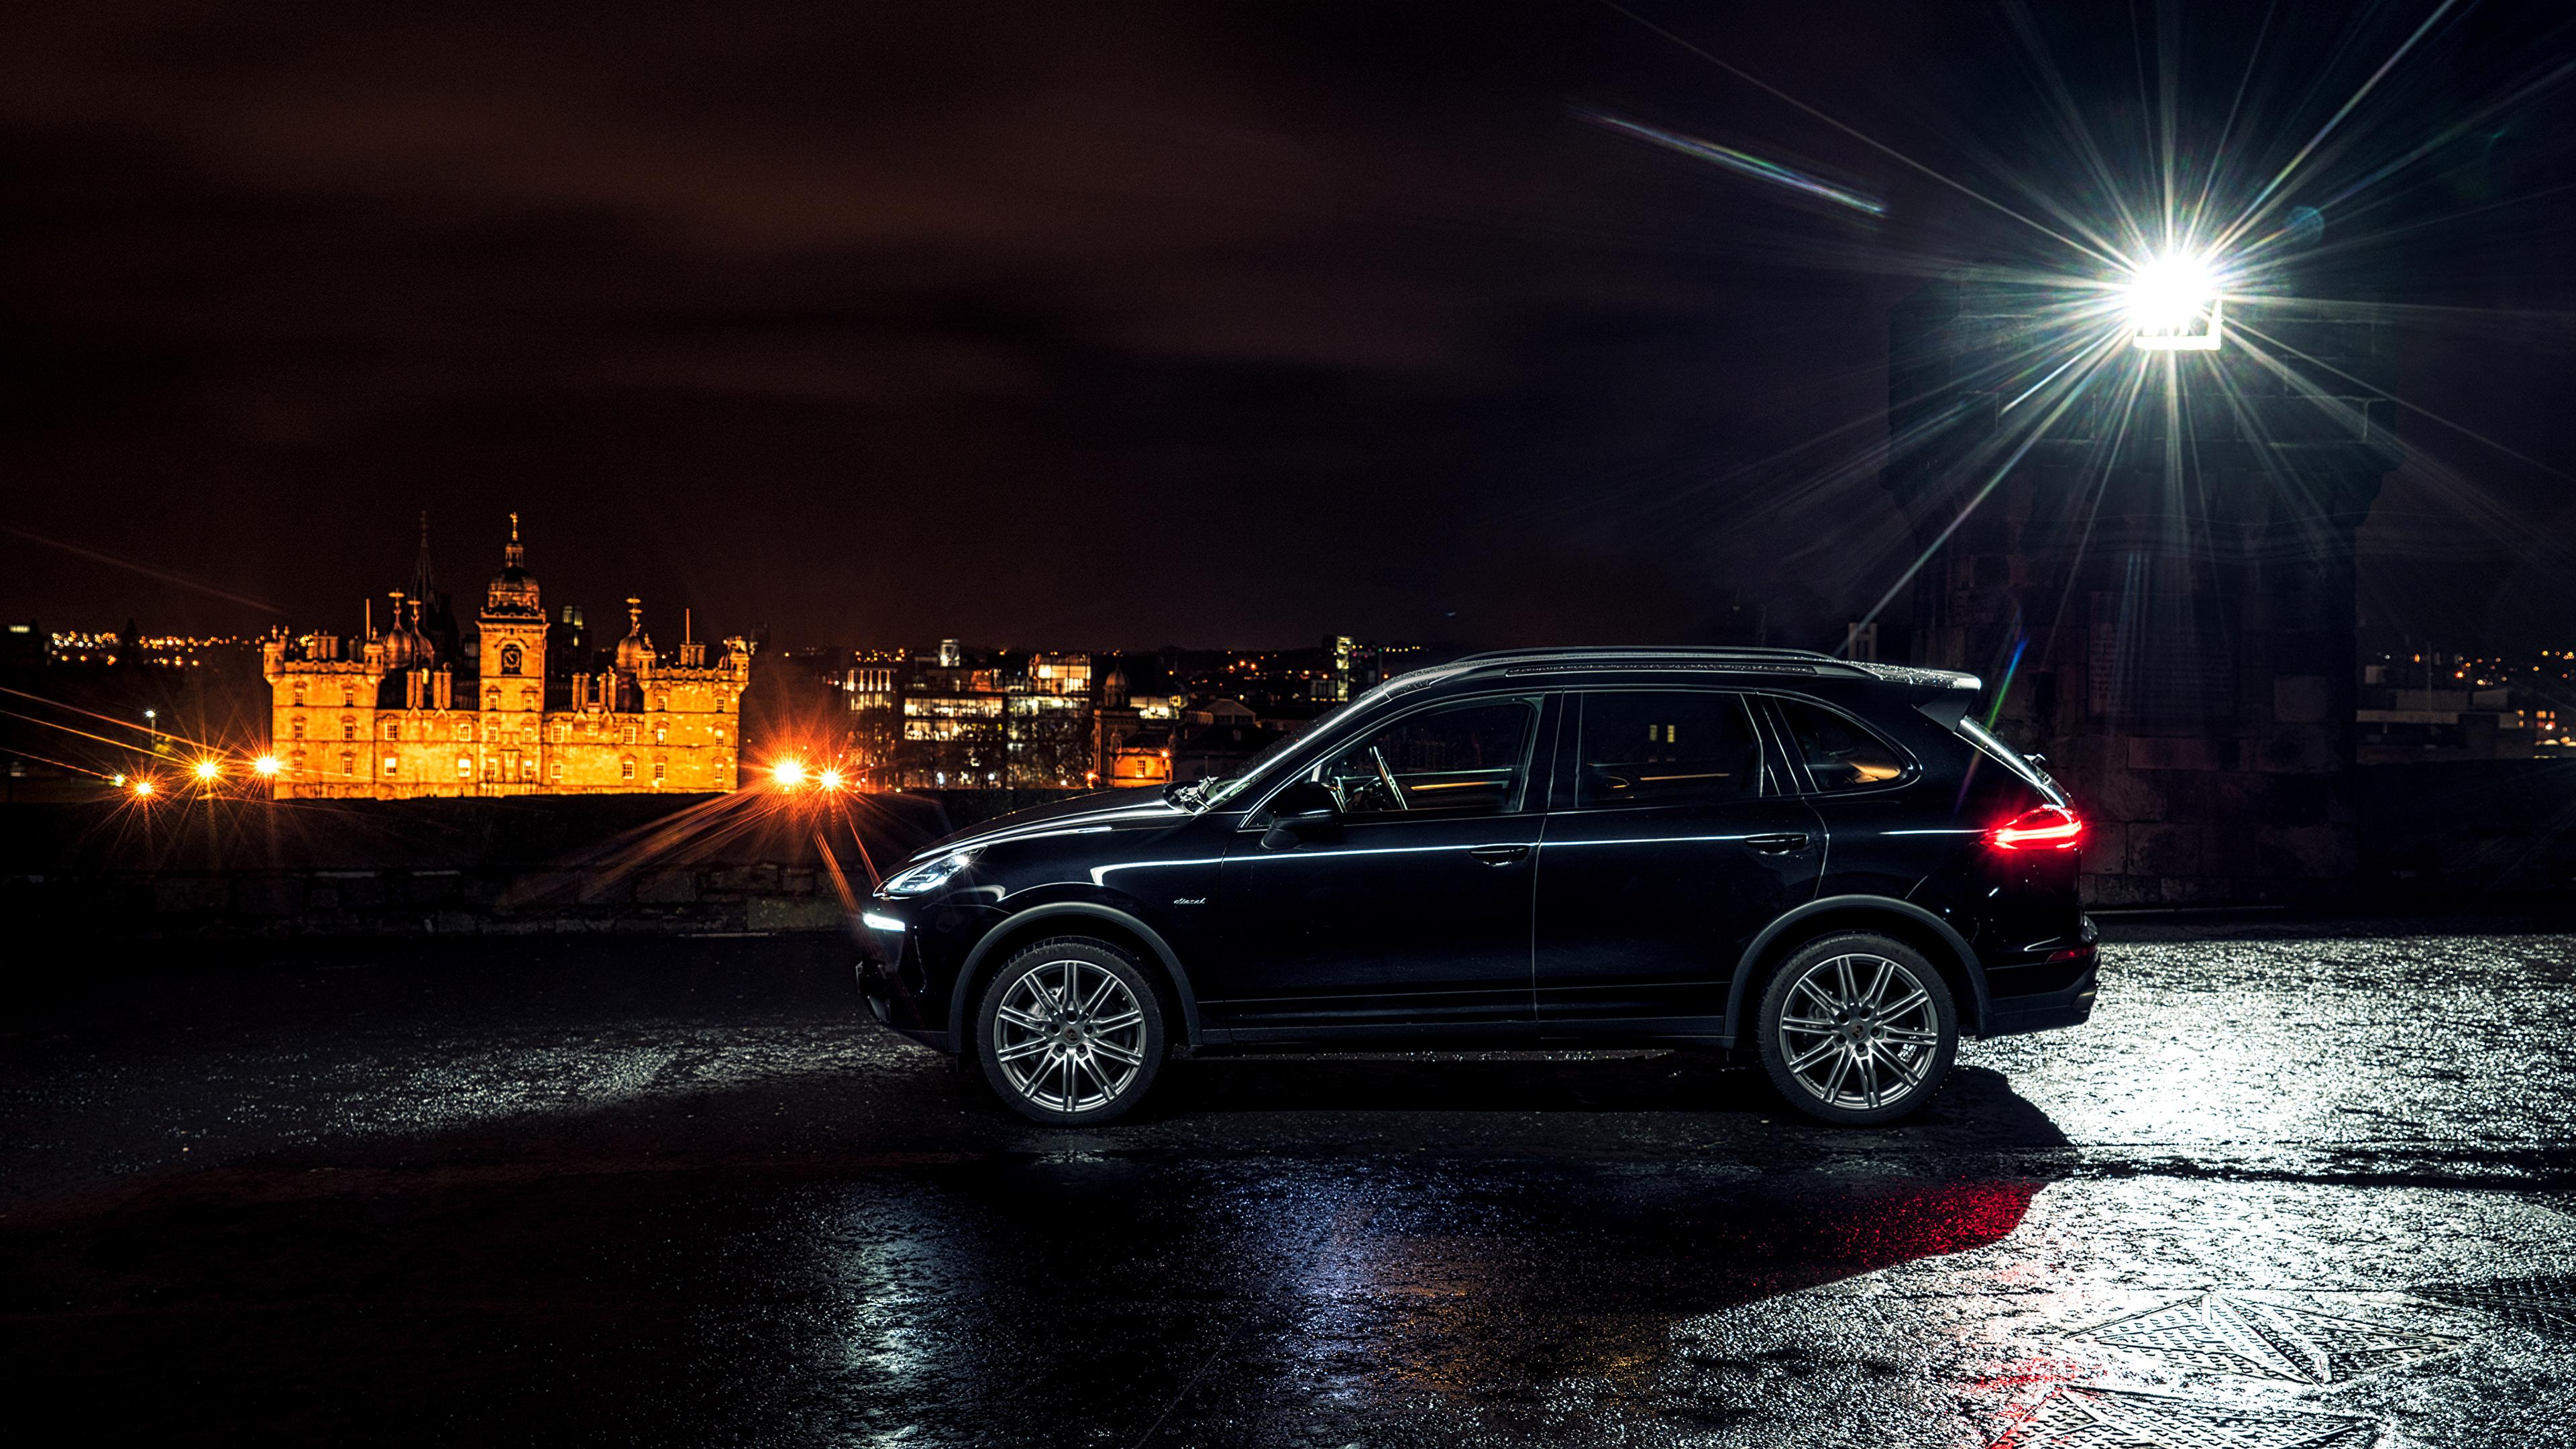 壁紙 3840x2160 ポルシェ 14 Cayenne S Diesel 黑 側面図 自動車 ダウンロード 写真